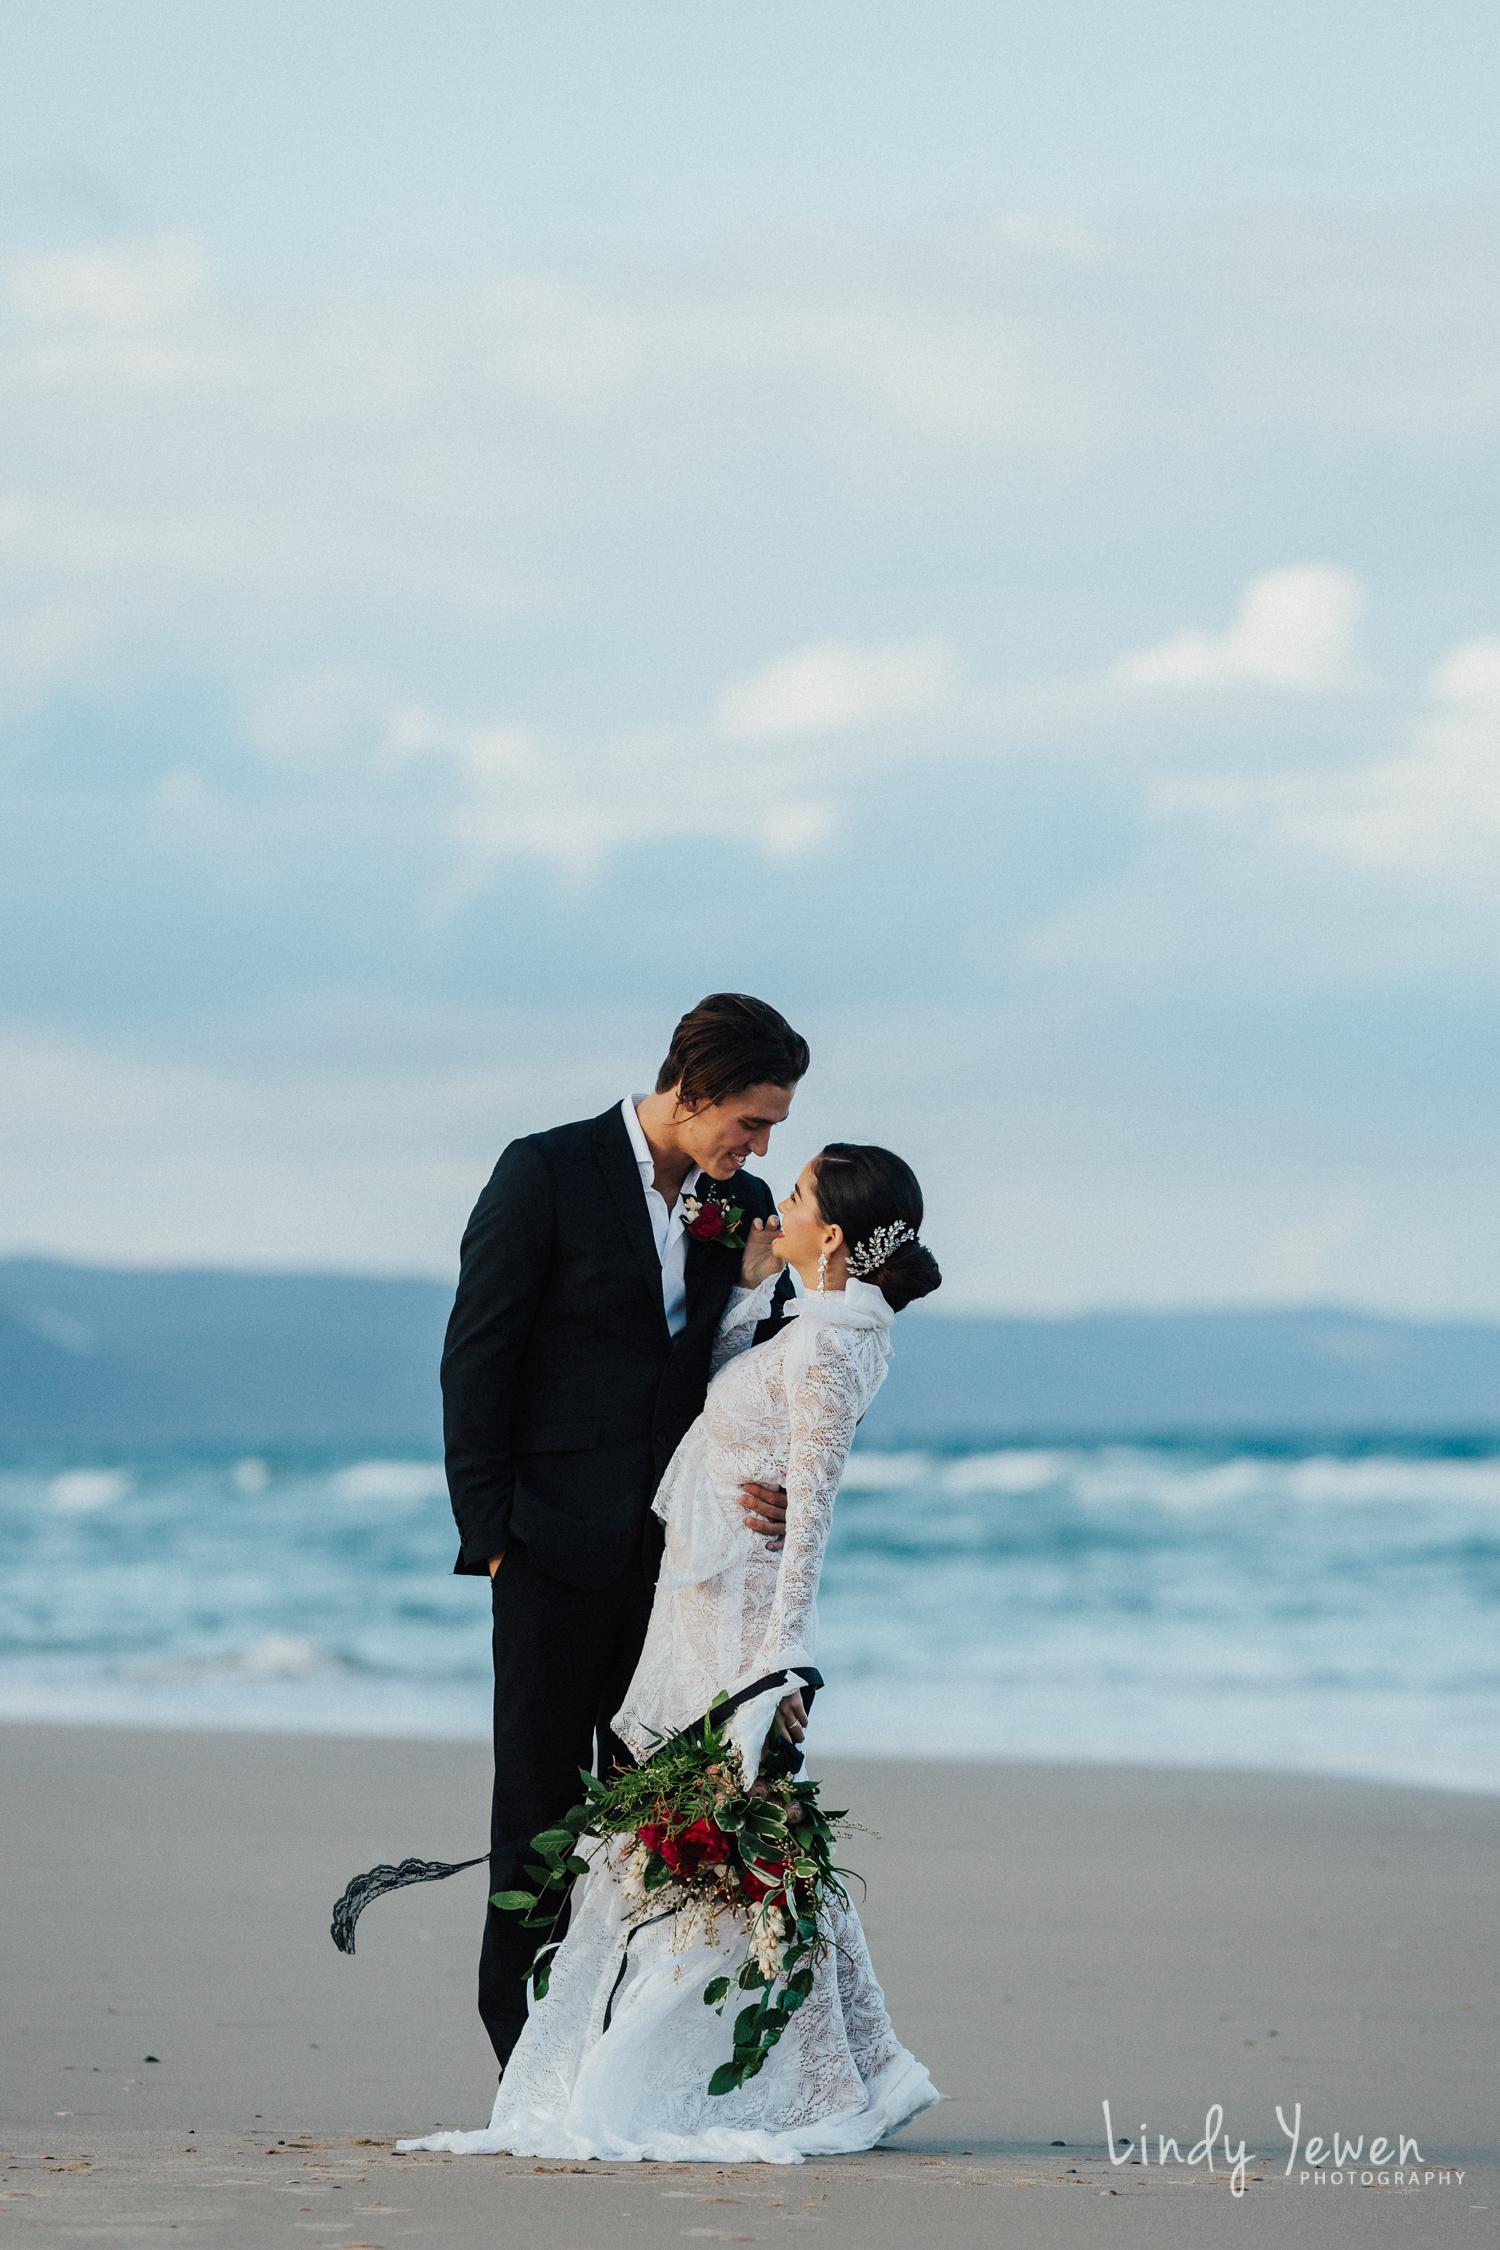 Lindy-Yewen-Photography-Spanish-Wedding 229.jpg